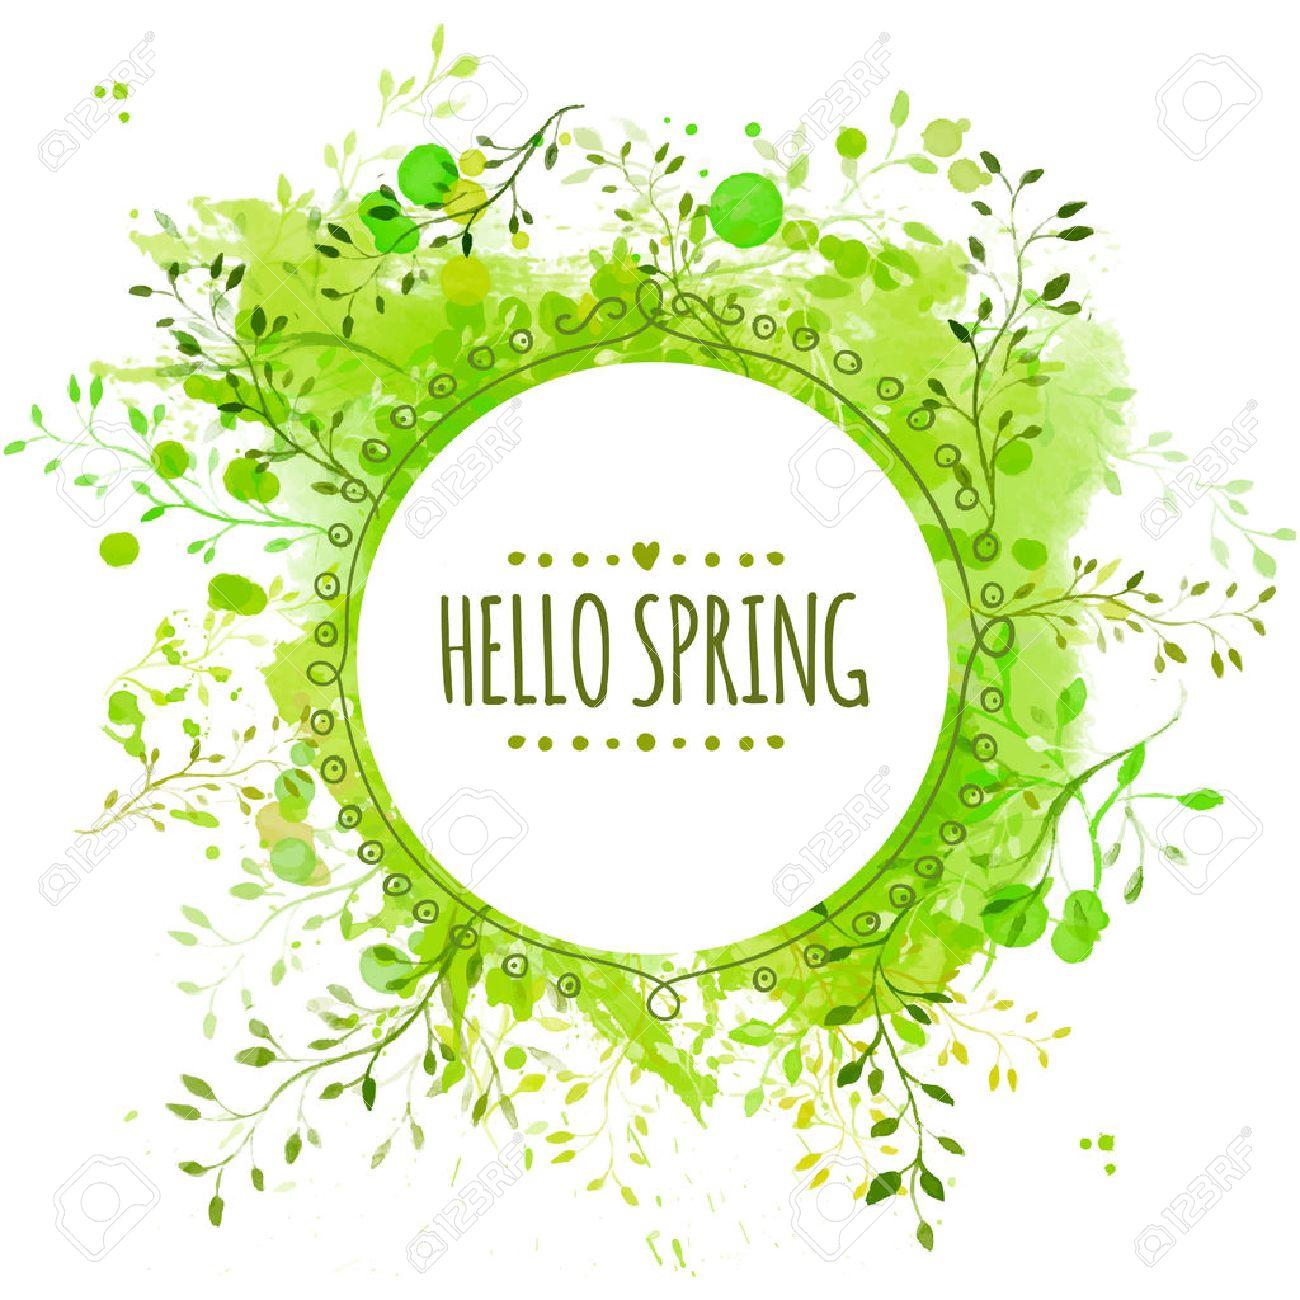 Marco Del Círculo Con La Primavera Hola Texto. Fondo De Bienvenida ...